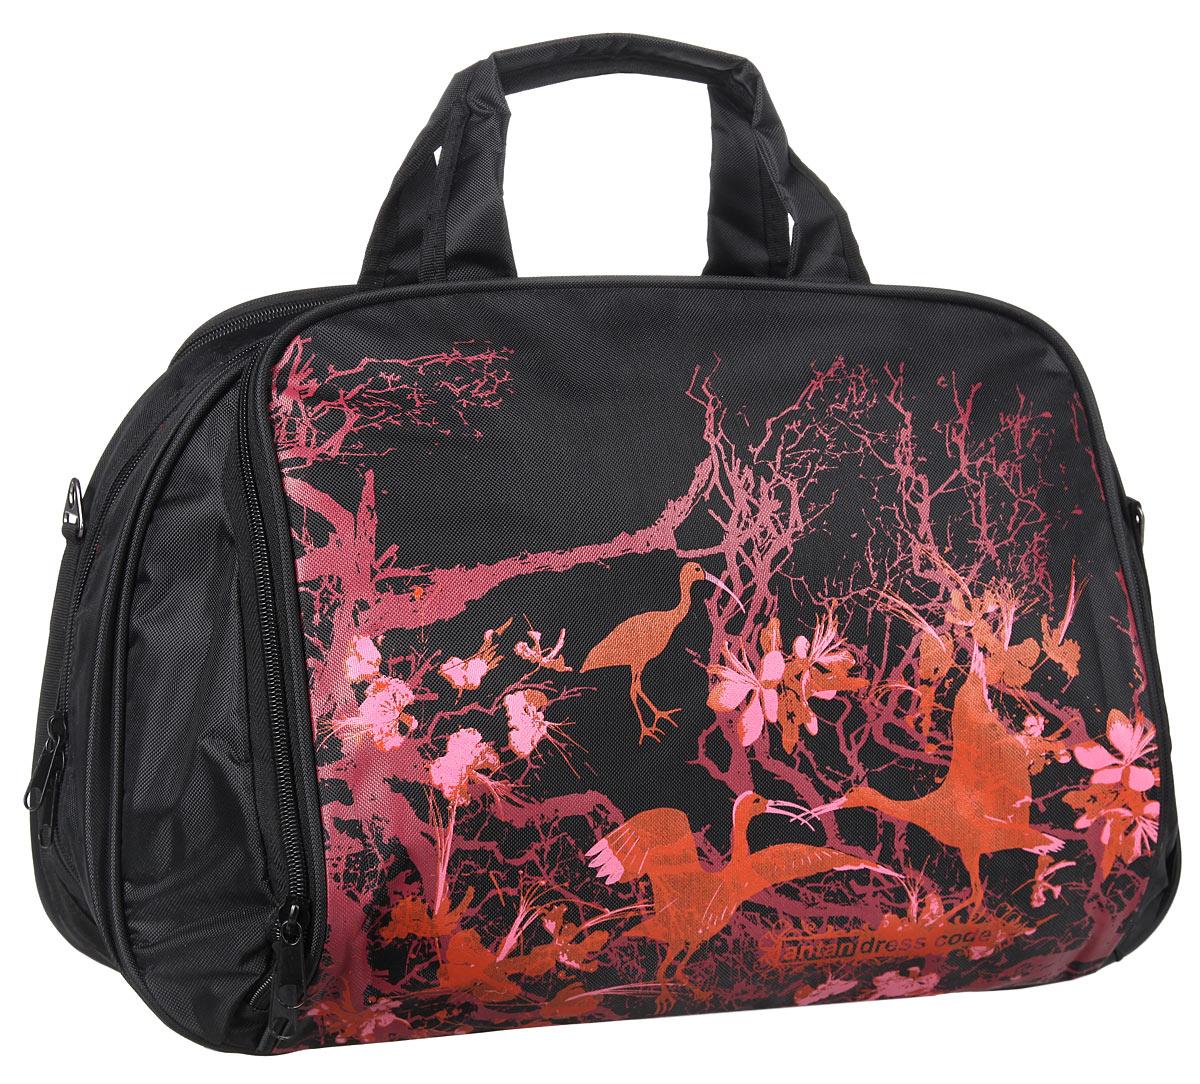 Сумка дорожная Antan Птицы райские, цвет: черный, розовый, оранжевый. 1-27/11-27/1_черный, розовыйВместительная дорожная сумка Antan Птицы райские выполнена из плотного текстиля с ярким принтом. Модель имеет одно главное отделение, закрывающееся на пластиковую застежку-молнию. Внутри отделения предусмотрен вместительный прорезной карман на застежке-молнии. Снаружи, на задней и передней стенках расположены накладные карманы на застежках-молниях, в одном из которых содержатся два сетчатых накладных кармашка. Сумка оснащена двумя удобными ручками и съемным текстильным плечевым ремнем регулируемой длины. Такая сумка - незаменимый аксессуар для путешествия.